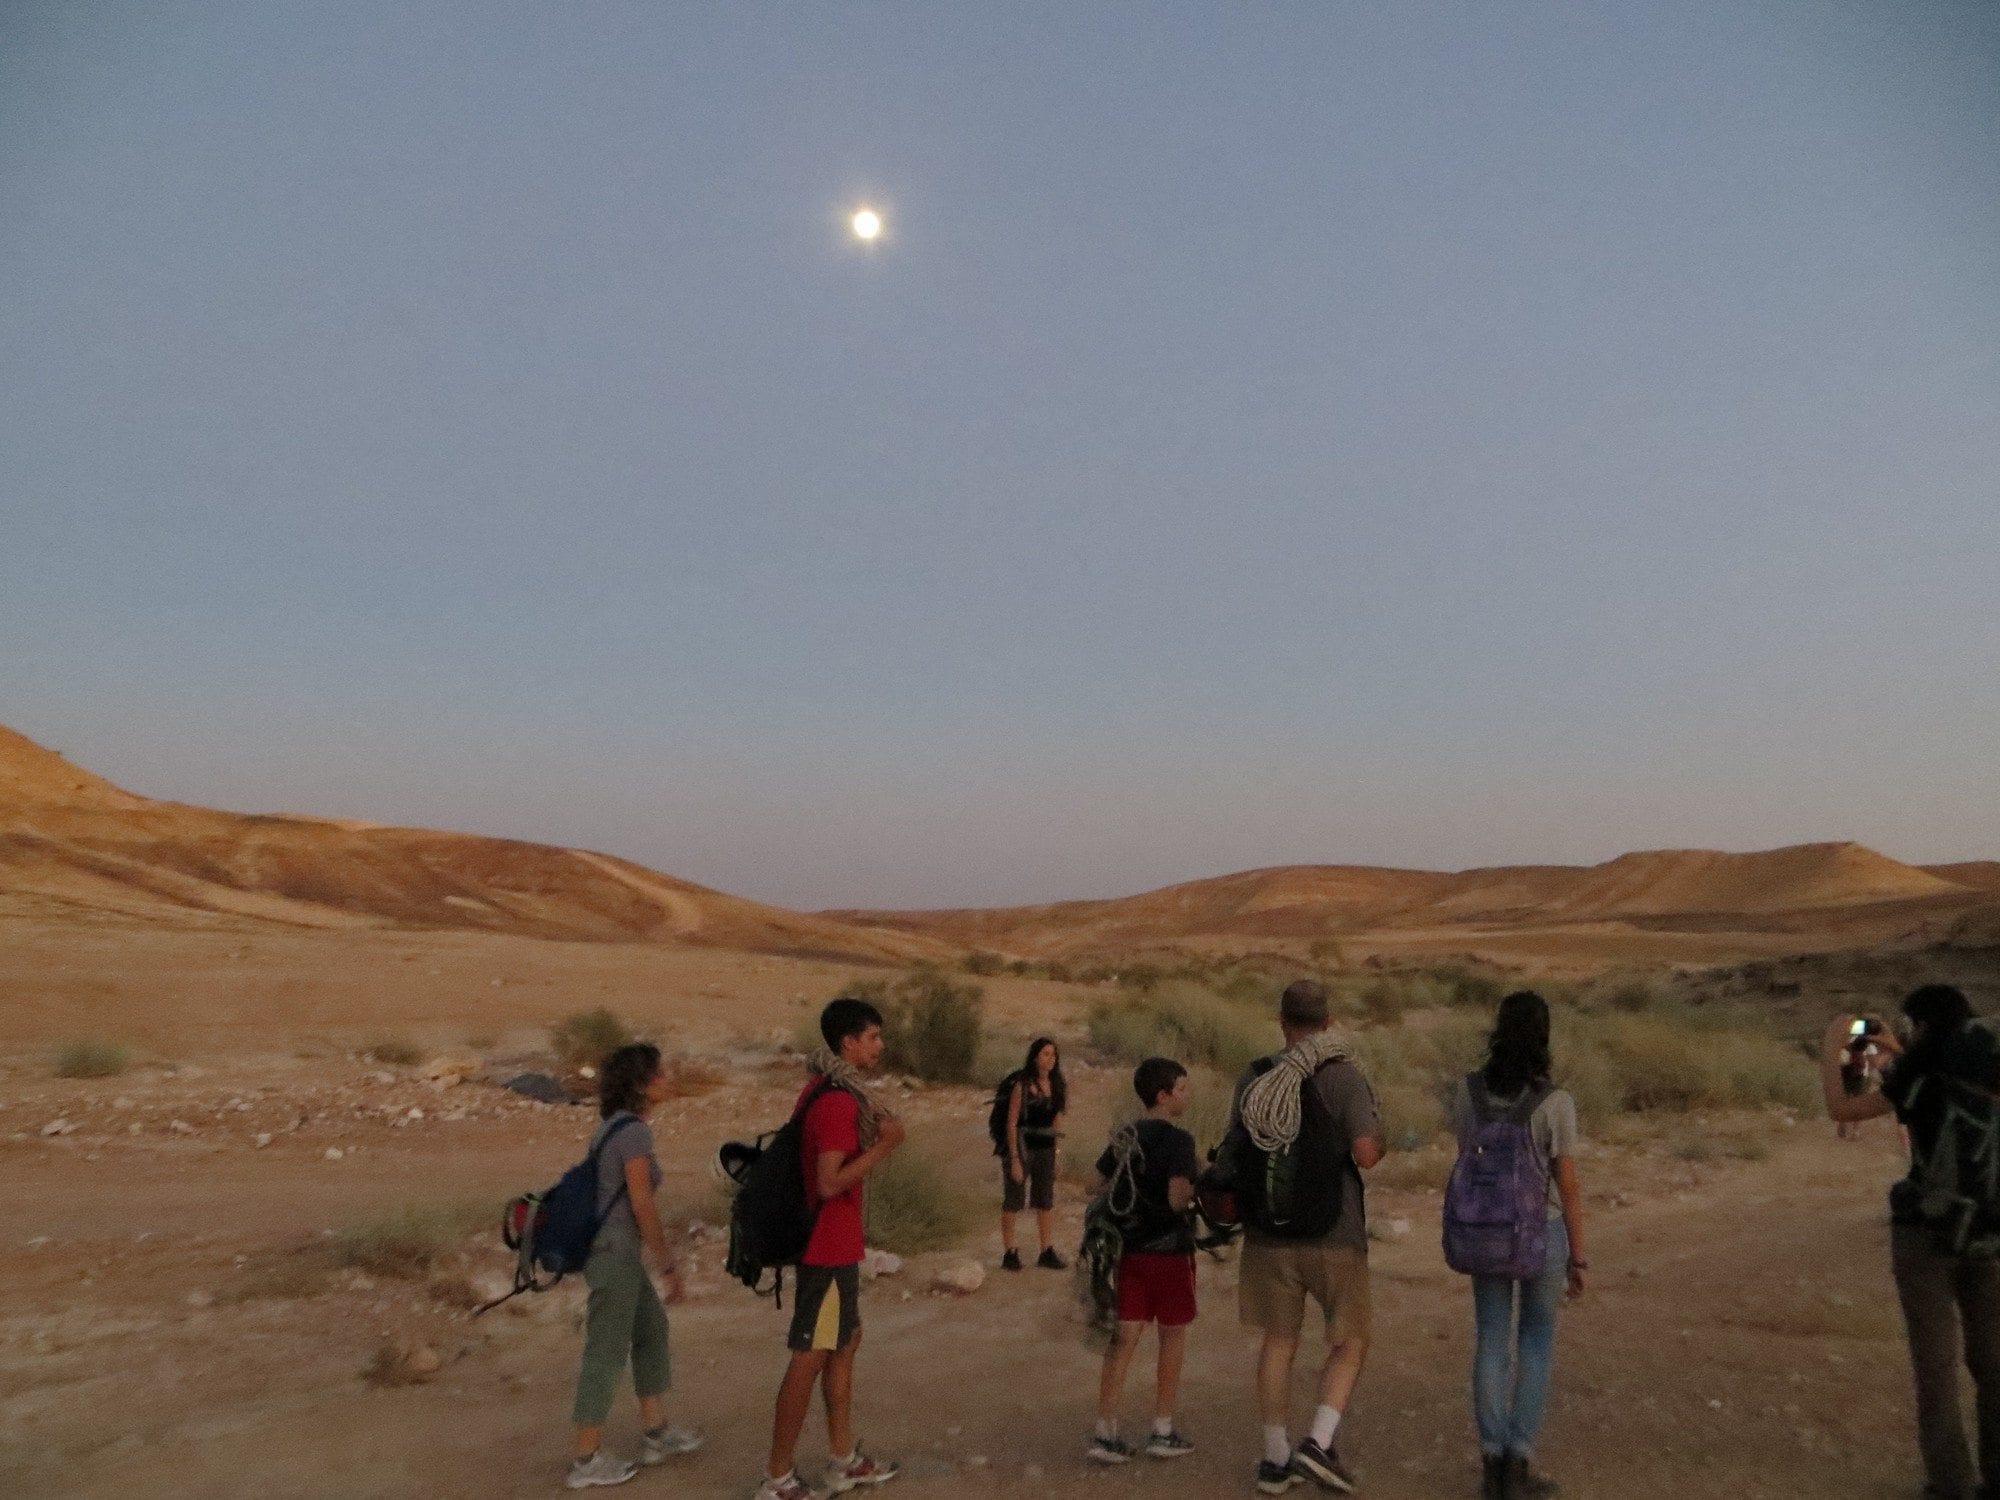 טיול ליל ירח - יוצאים לדרך